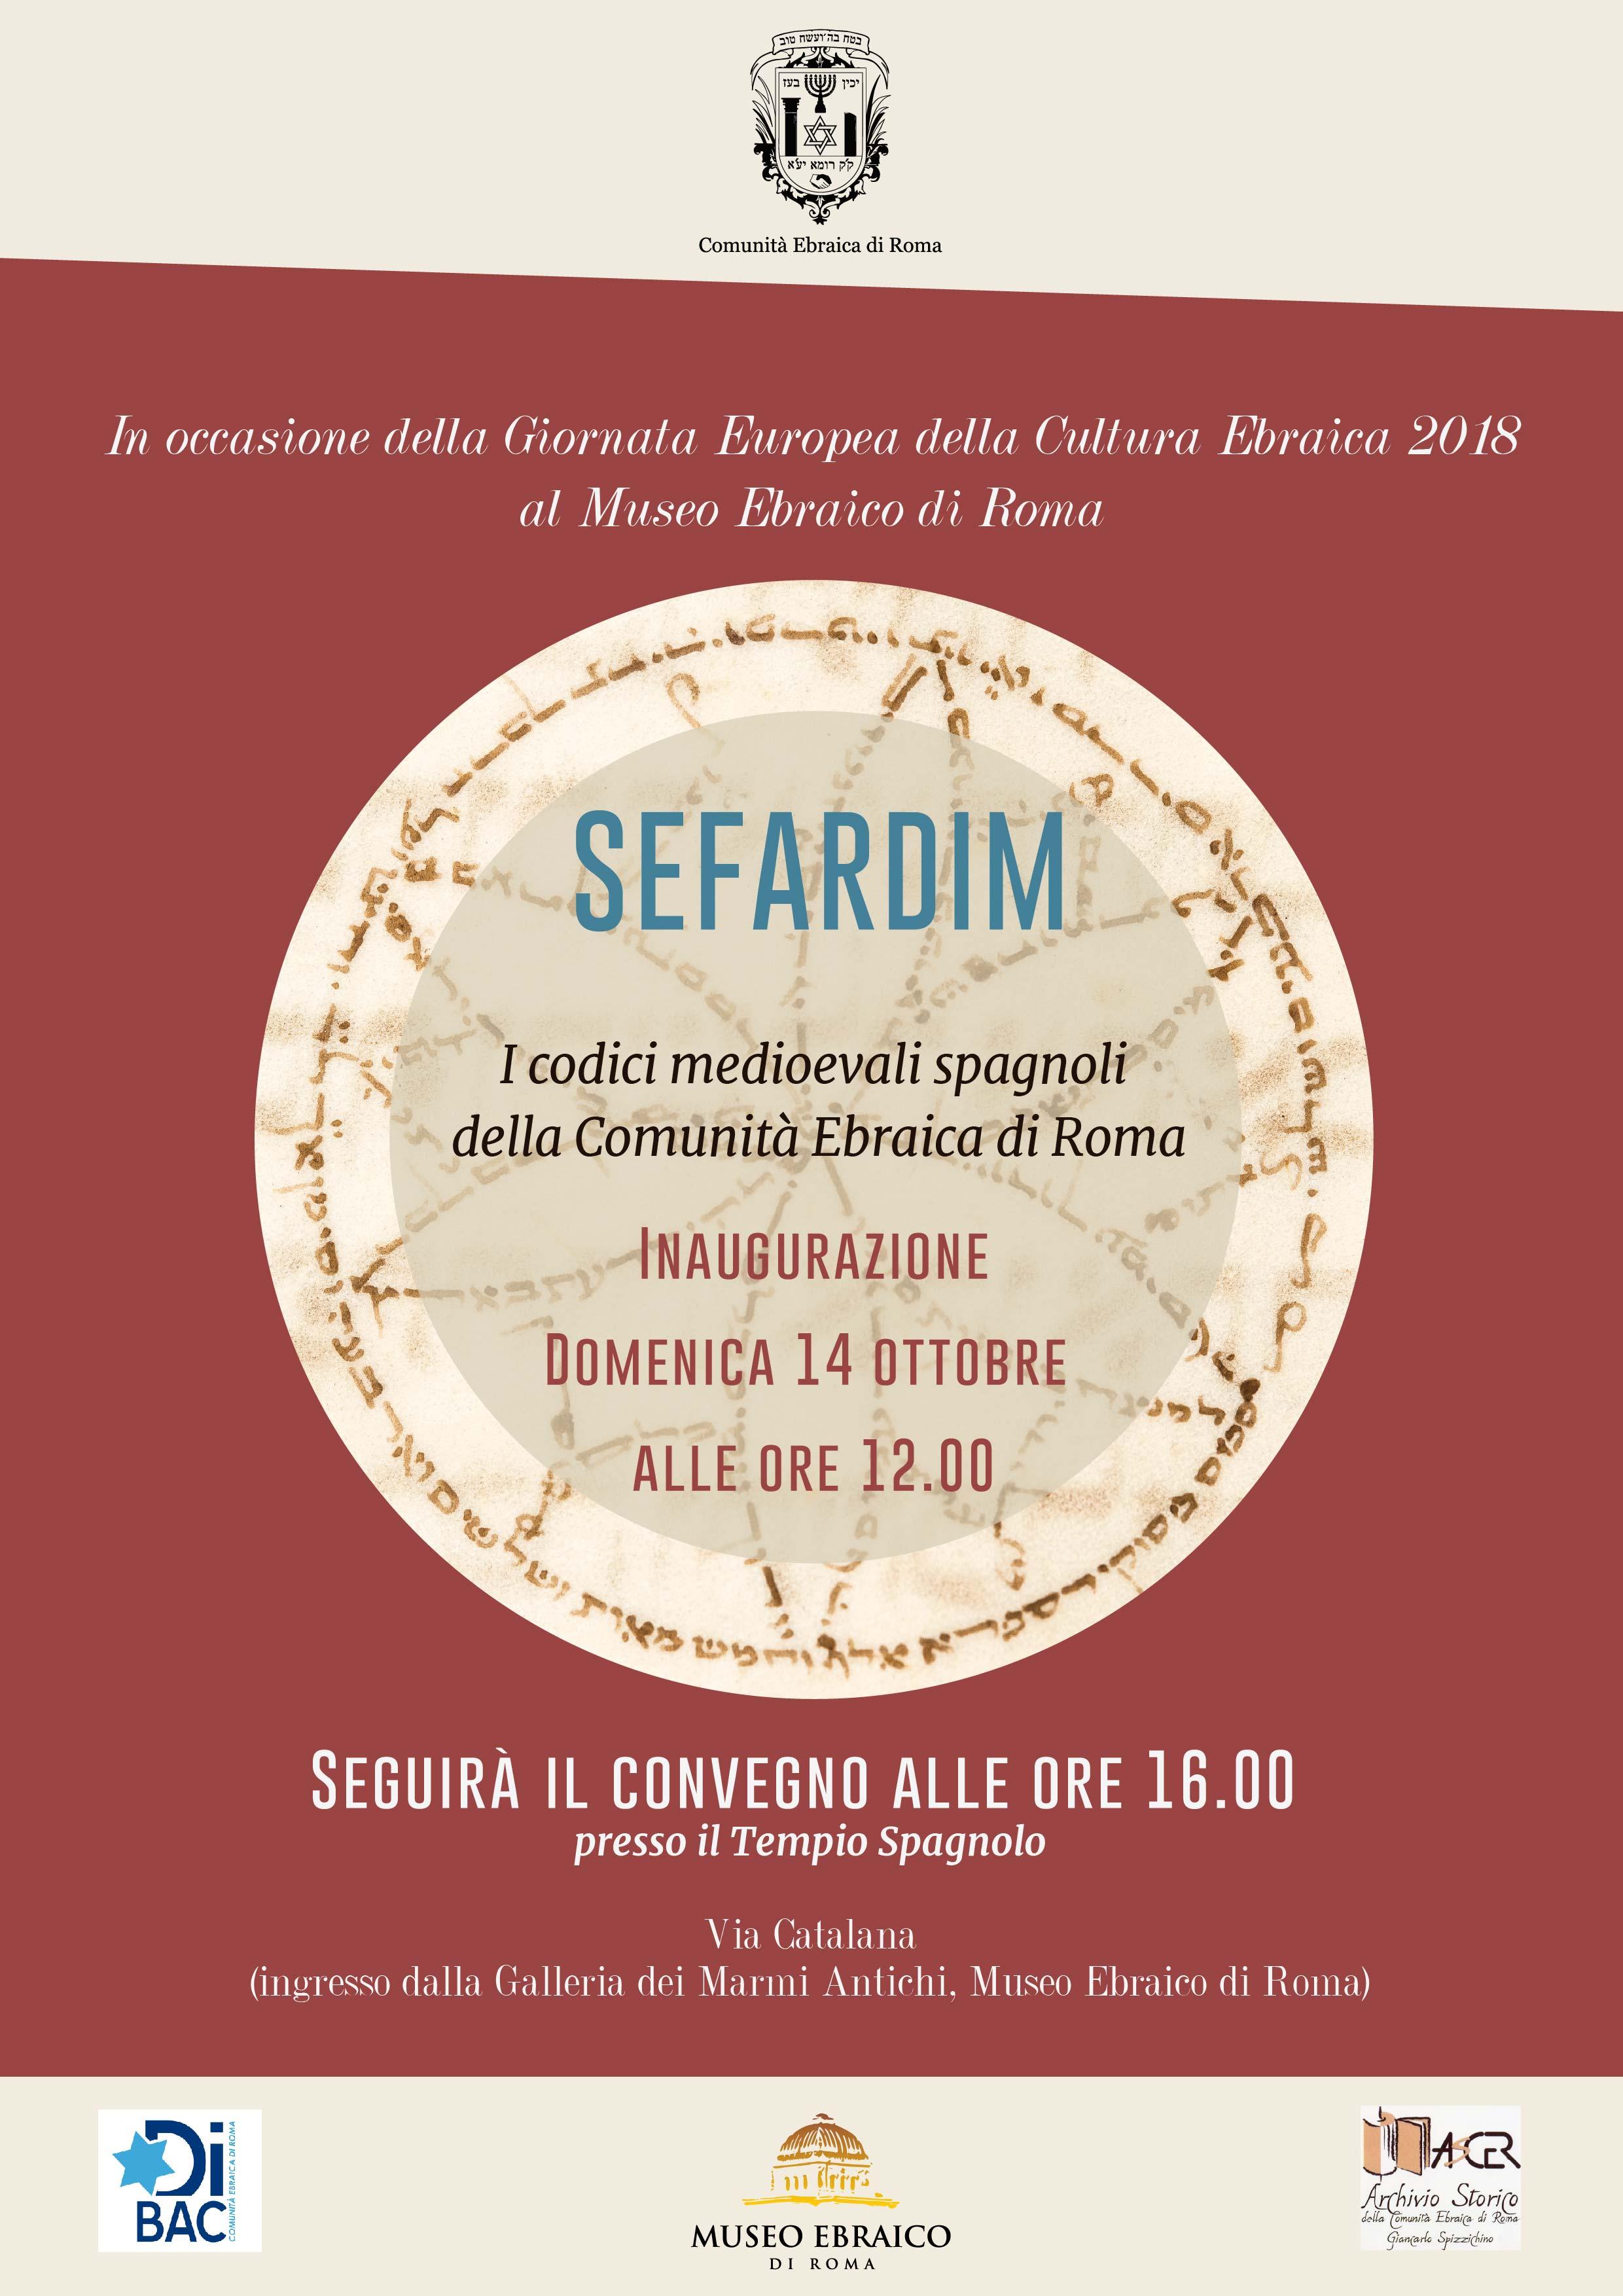 SEFARDIM. I codici medioevali spagnoli della Comunità Ebraica di Roma